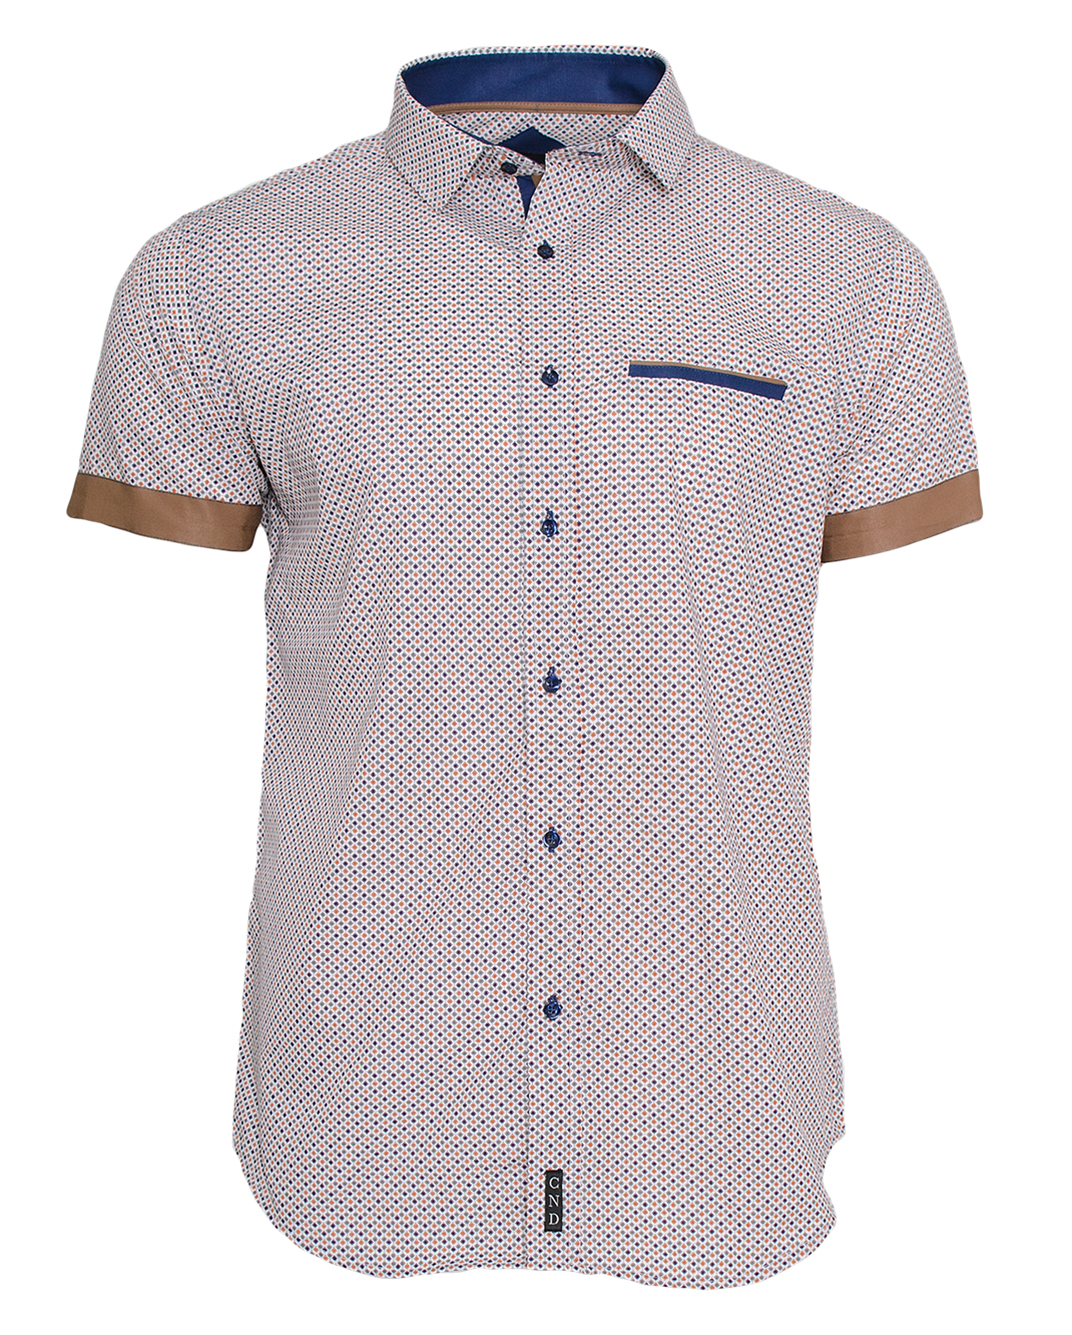 Κοντομάνικο Πουκάμισο CND αρχική ανδρικά ρούχα επιλογή ανά προϊόν πουκάμισα